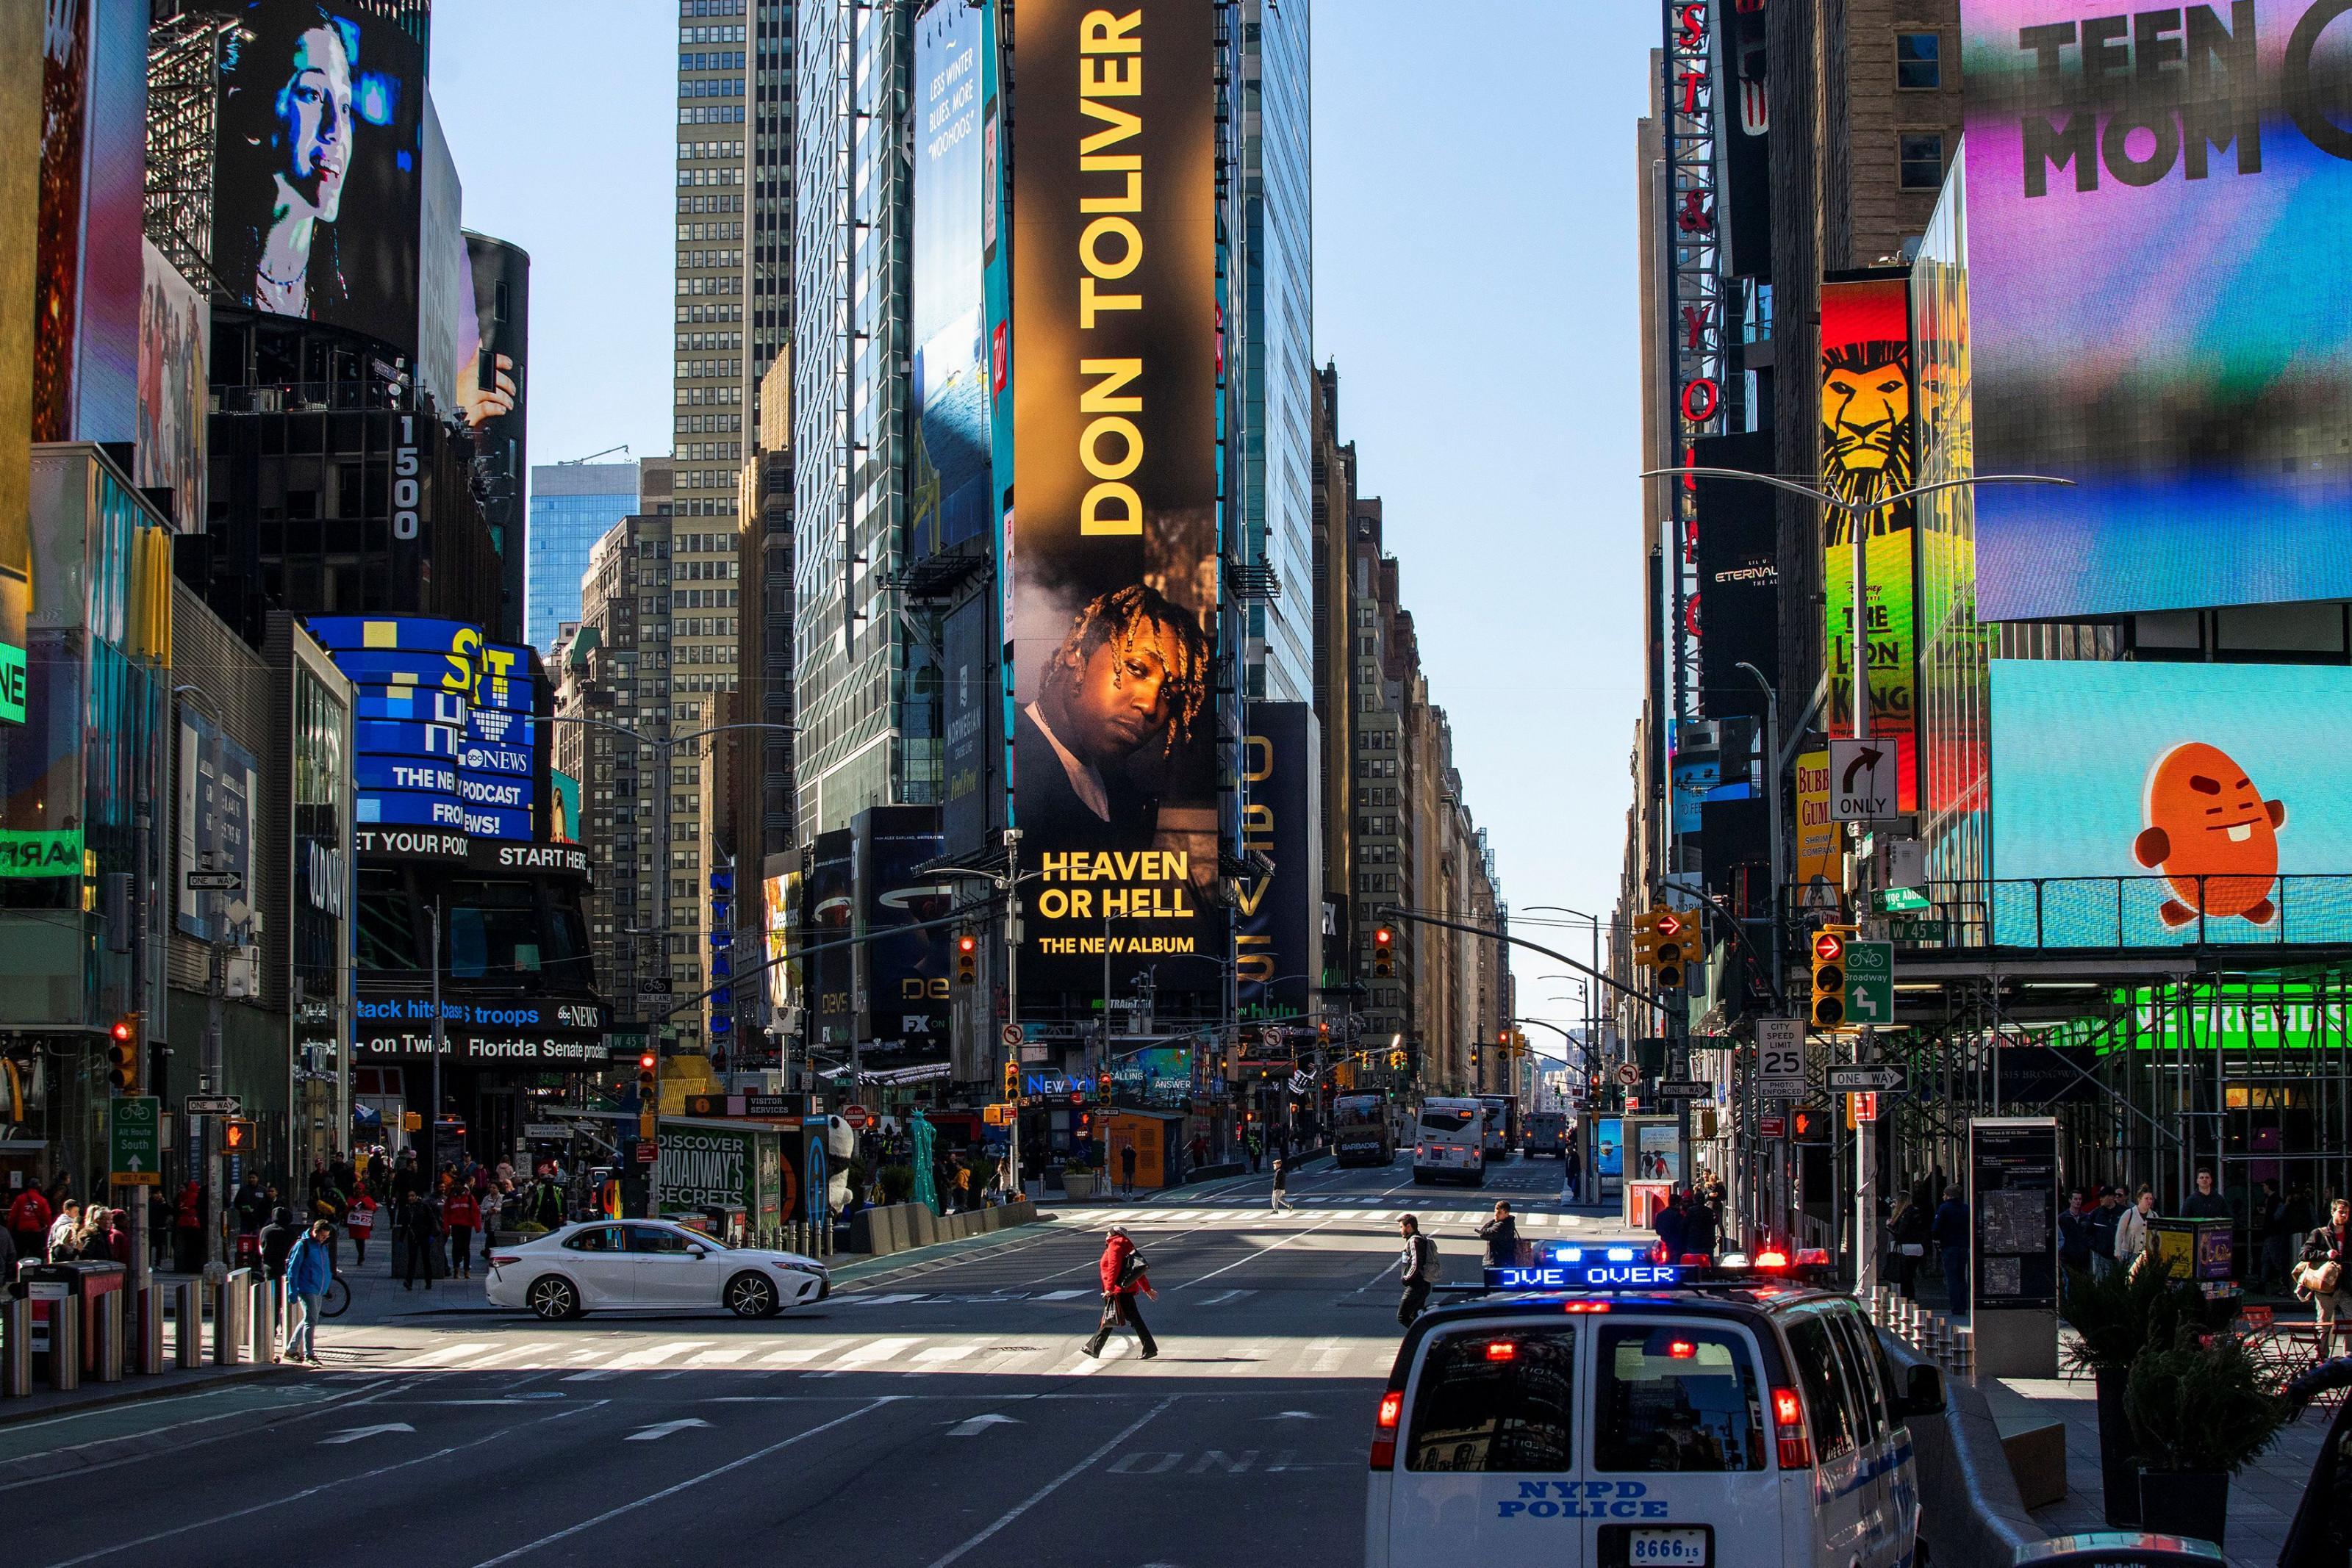 Жутковатые снимки обезлюдевшего Нью-Йорка наМанхэттене, 15марта, Пустая, улица, врайоне, карантина, Футуристическая, смотровая, площадка, Vessel, ВестСайд, парковка, магазин, Закрывшийся, переполнен, автомобильная, открытая, закрытый, иночью, Пустой